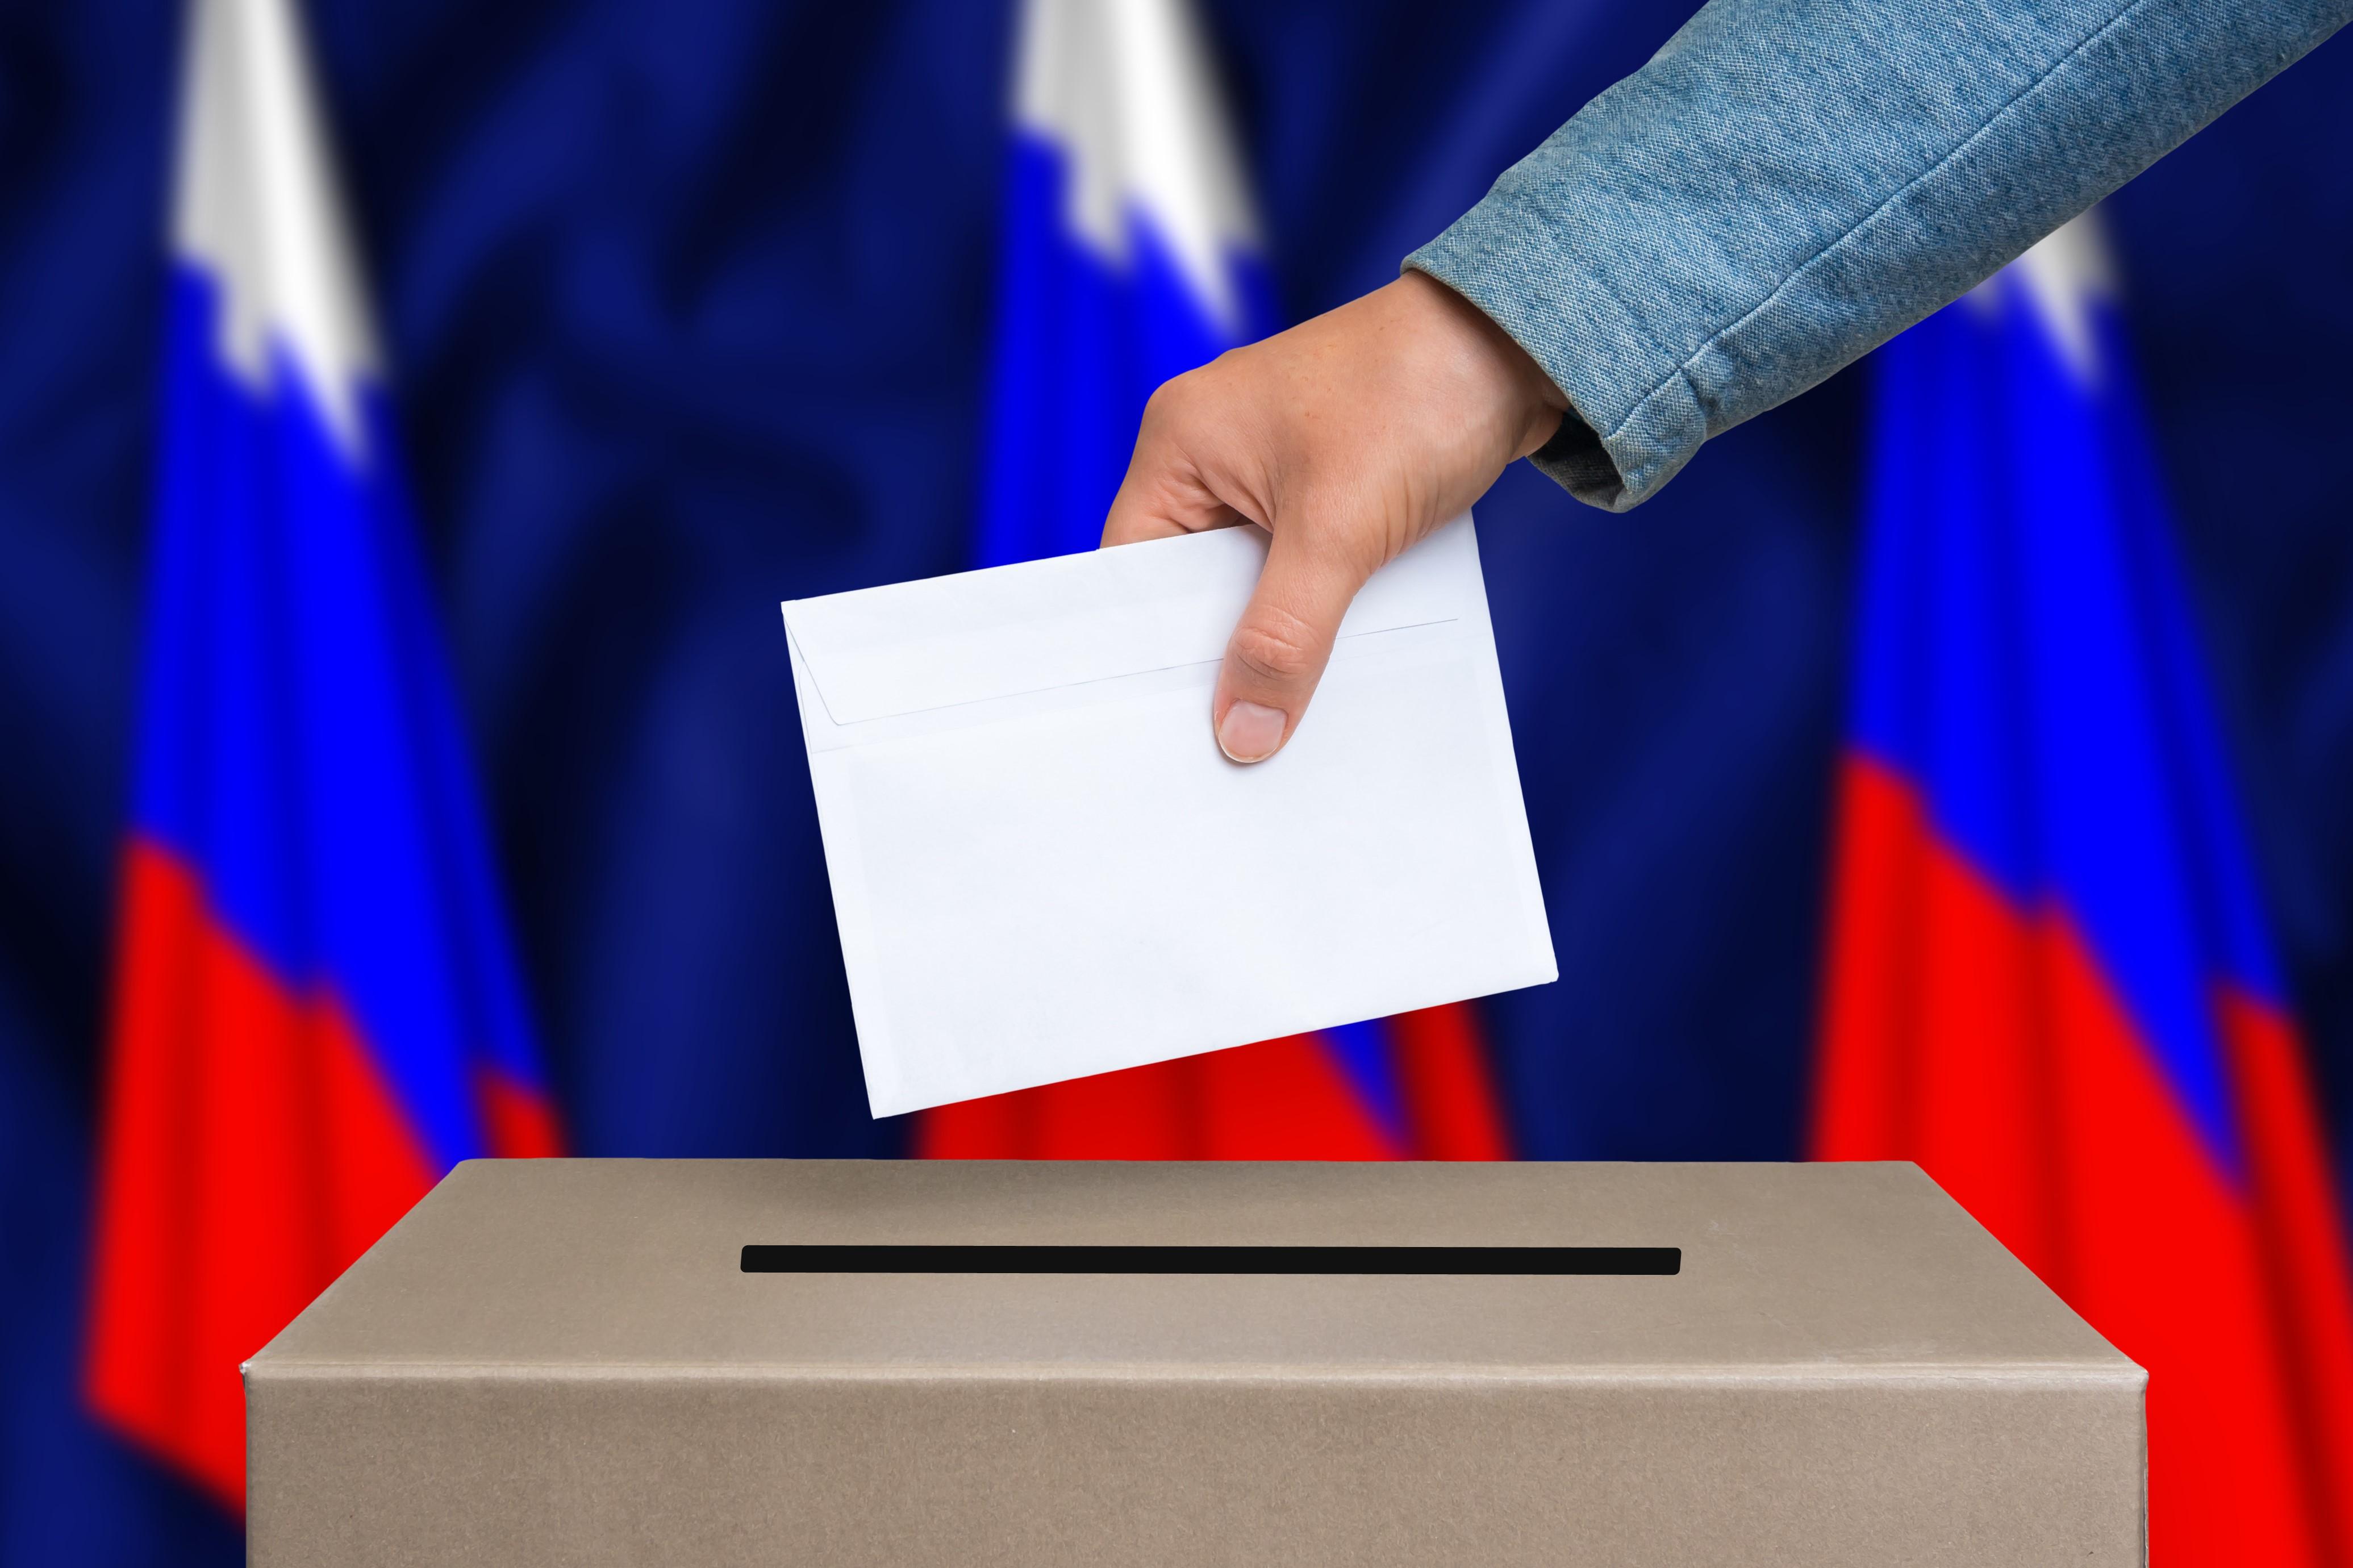 Осенью кировчане смогут голосовать в течение трех дней